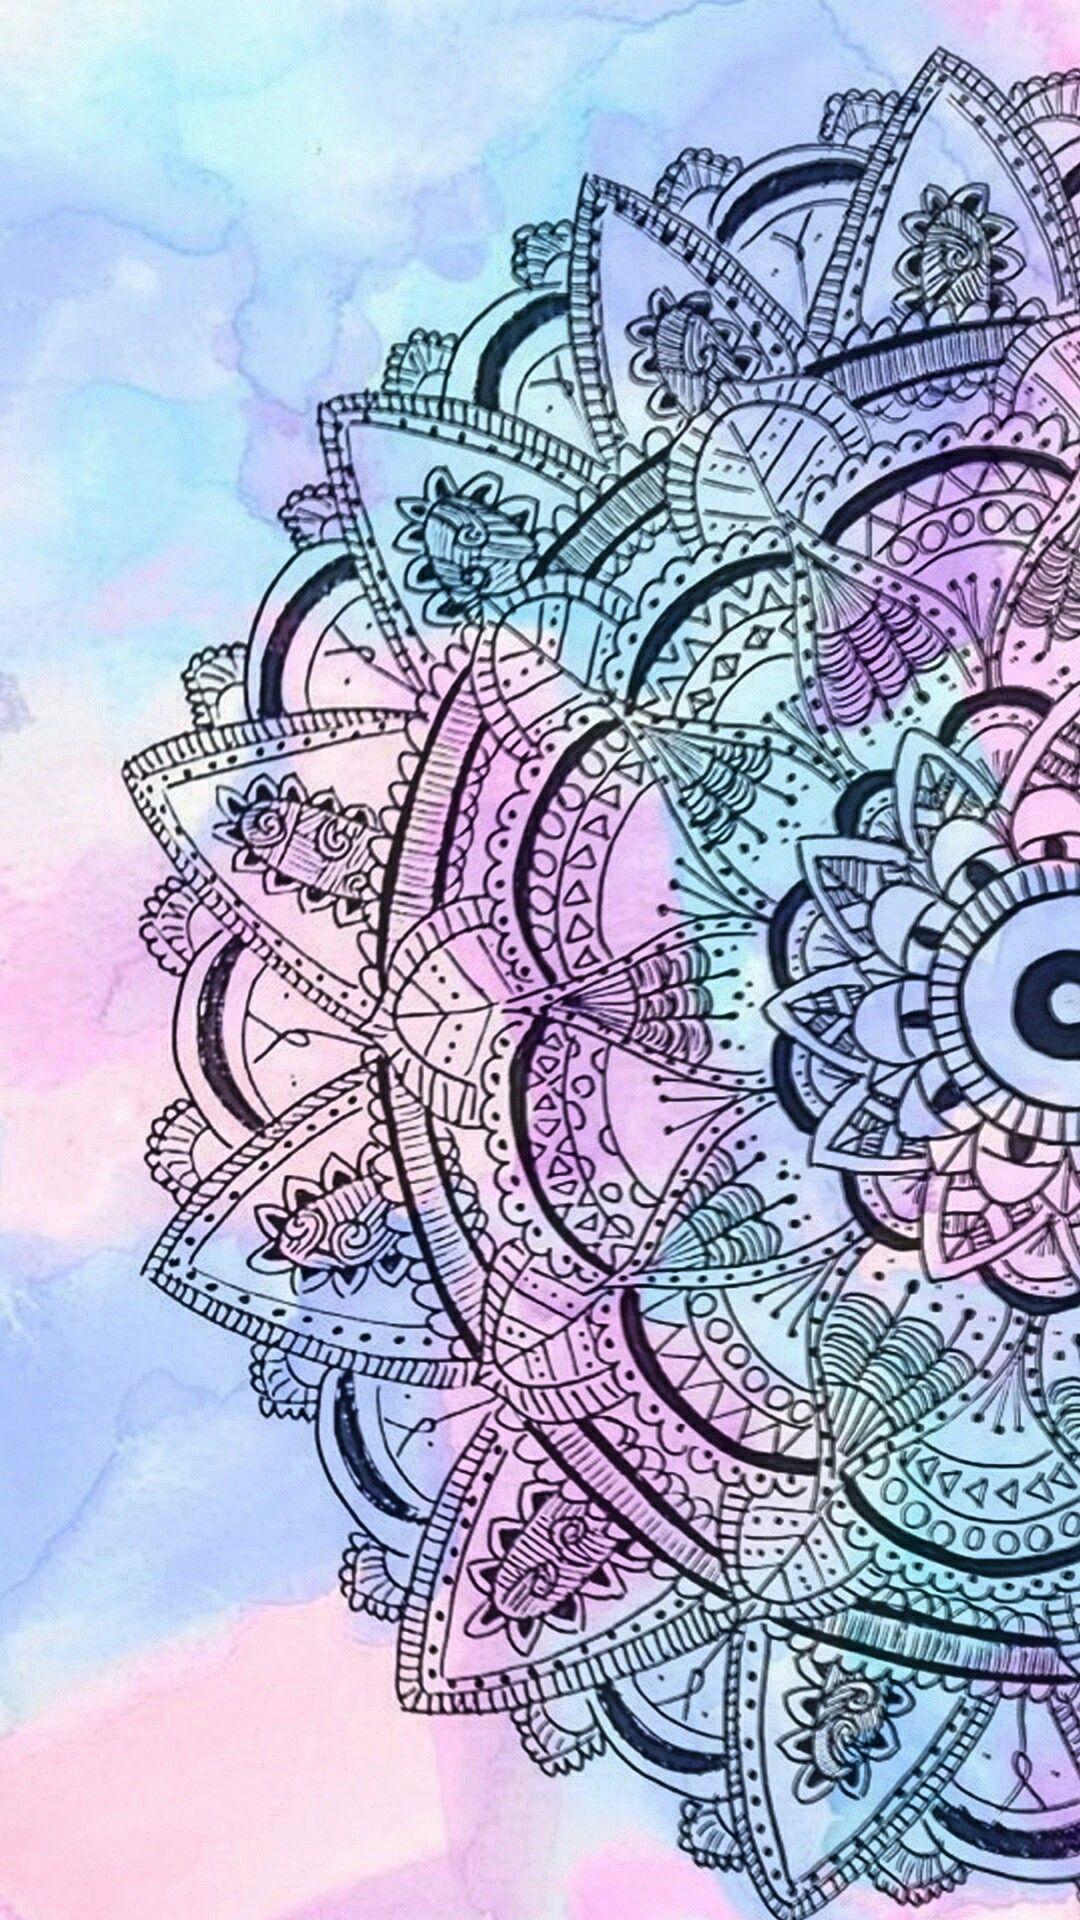 Siga Teus Sonhos Porque Vao As Alturas Mandala Wallpaper